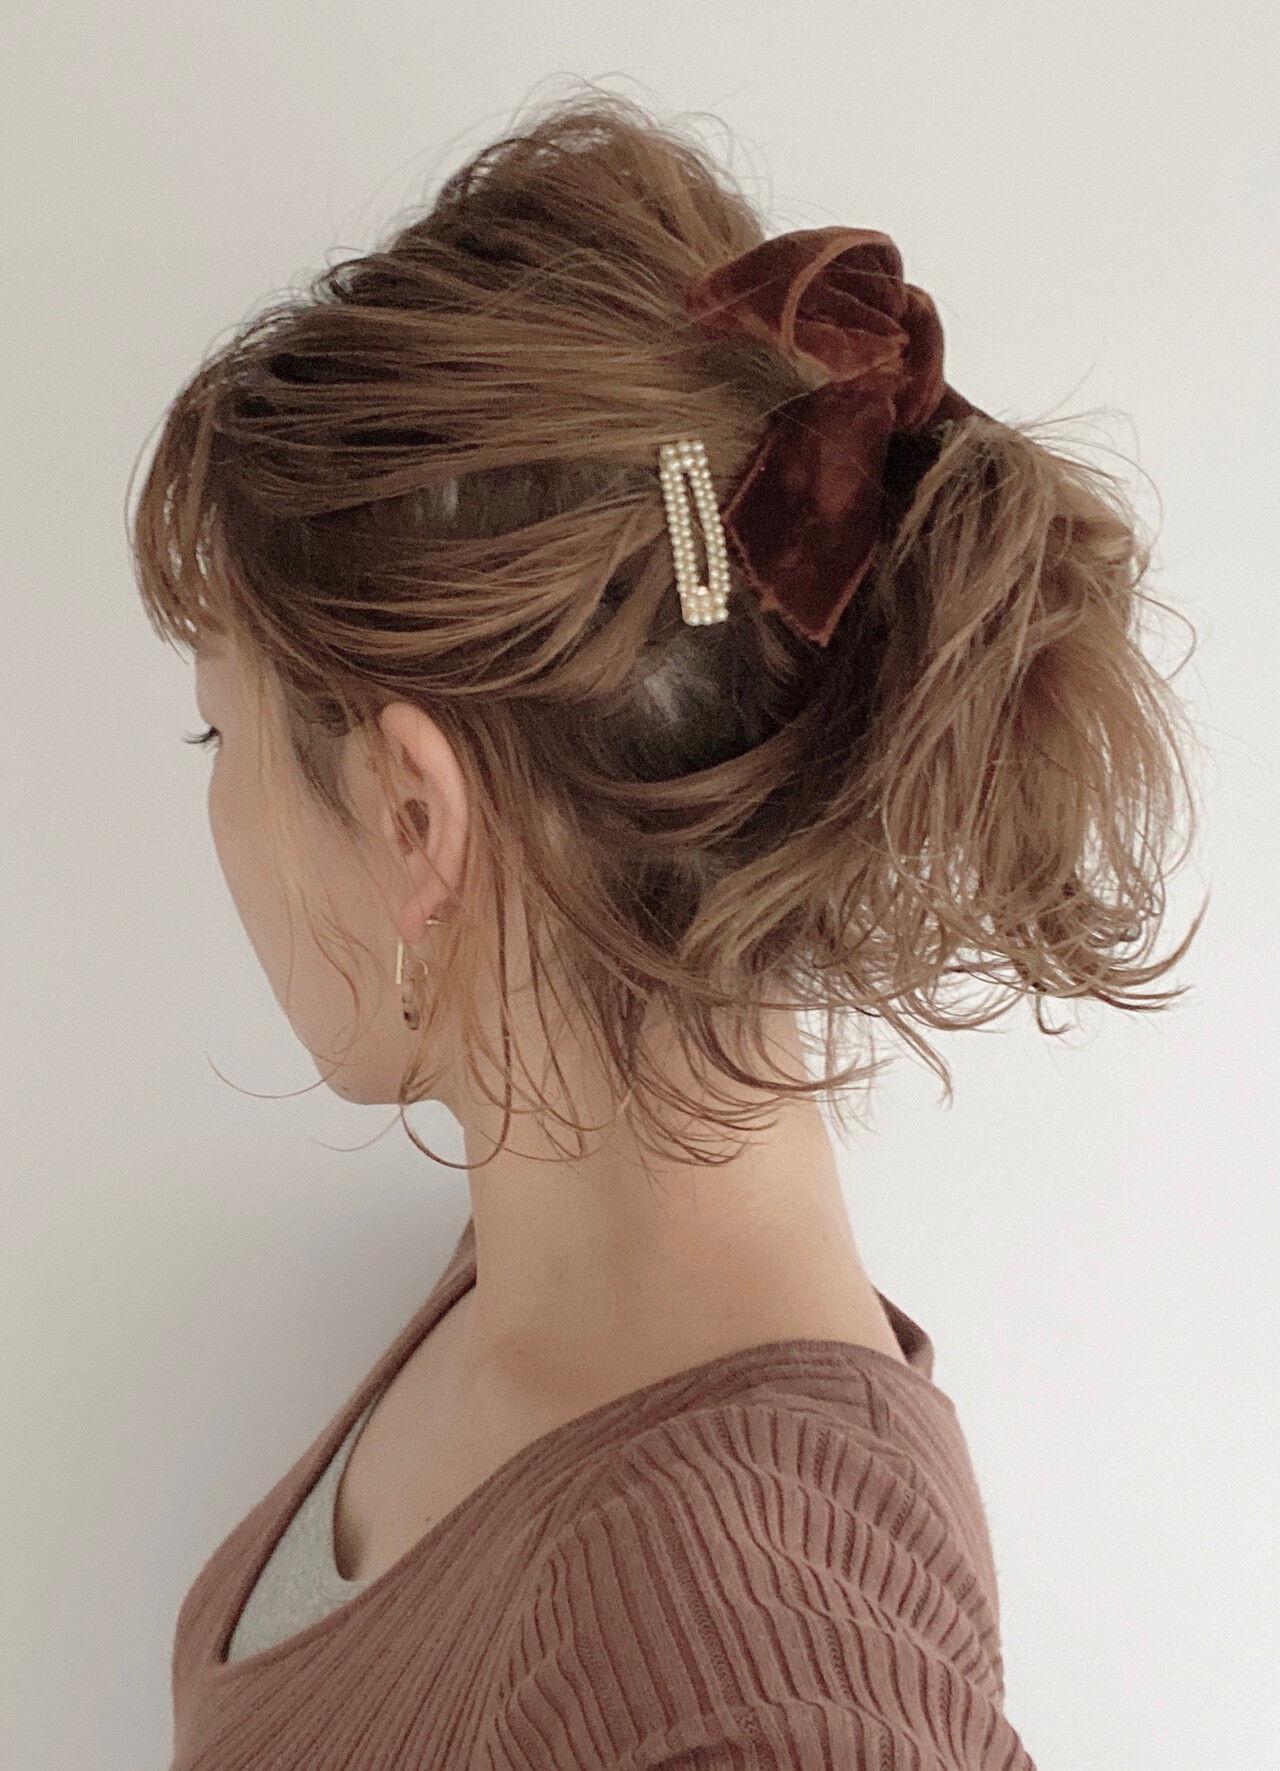 お気に入りのヘアアクセをプラス 宮崎 まさみ  APPiiS